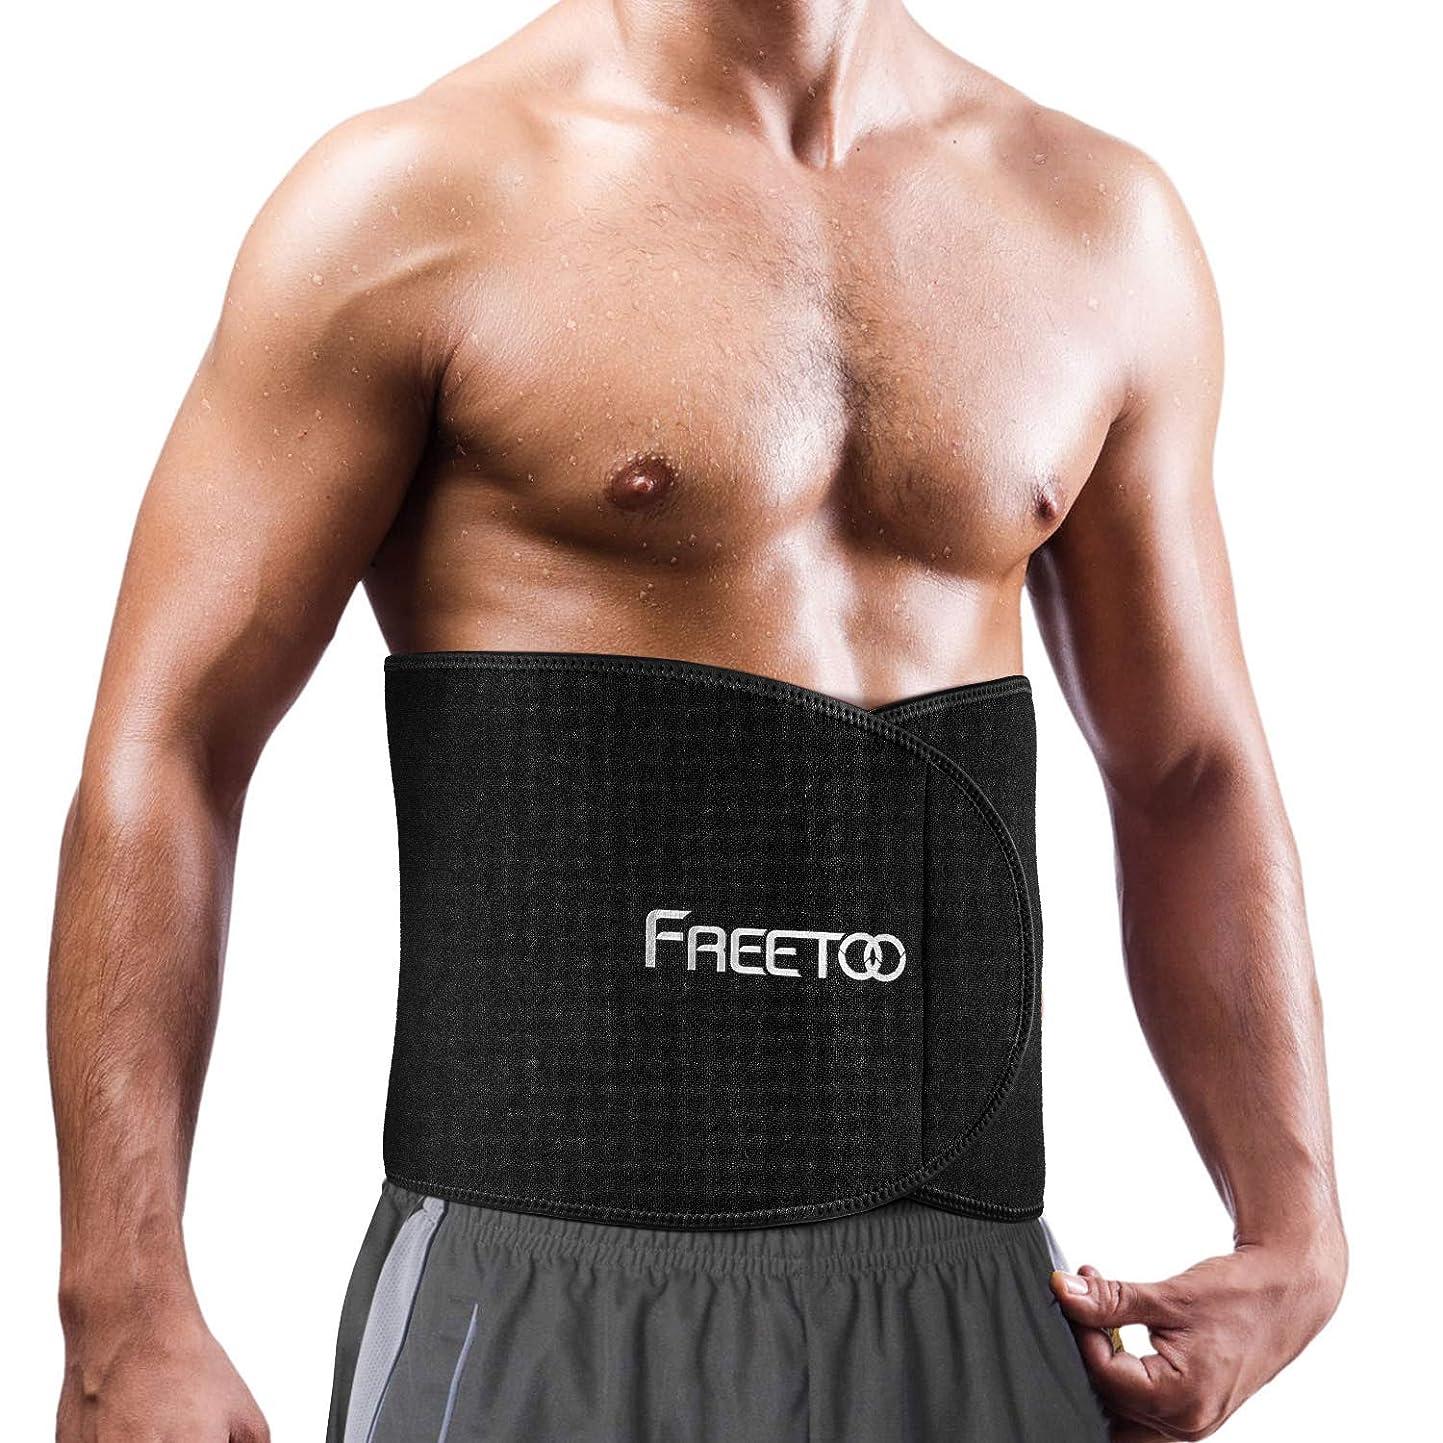 対疫病死すべきFREETOO シェイプアップベルト ダイエットベルト 発汗 脂肪燃焼 ウエストトリマーベルト 厚さ2.5-3mm 軽量 お腹引き締めベルト 高品質材料 男女兼用 様々なスポーツに対応 3サイズ